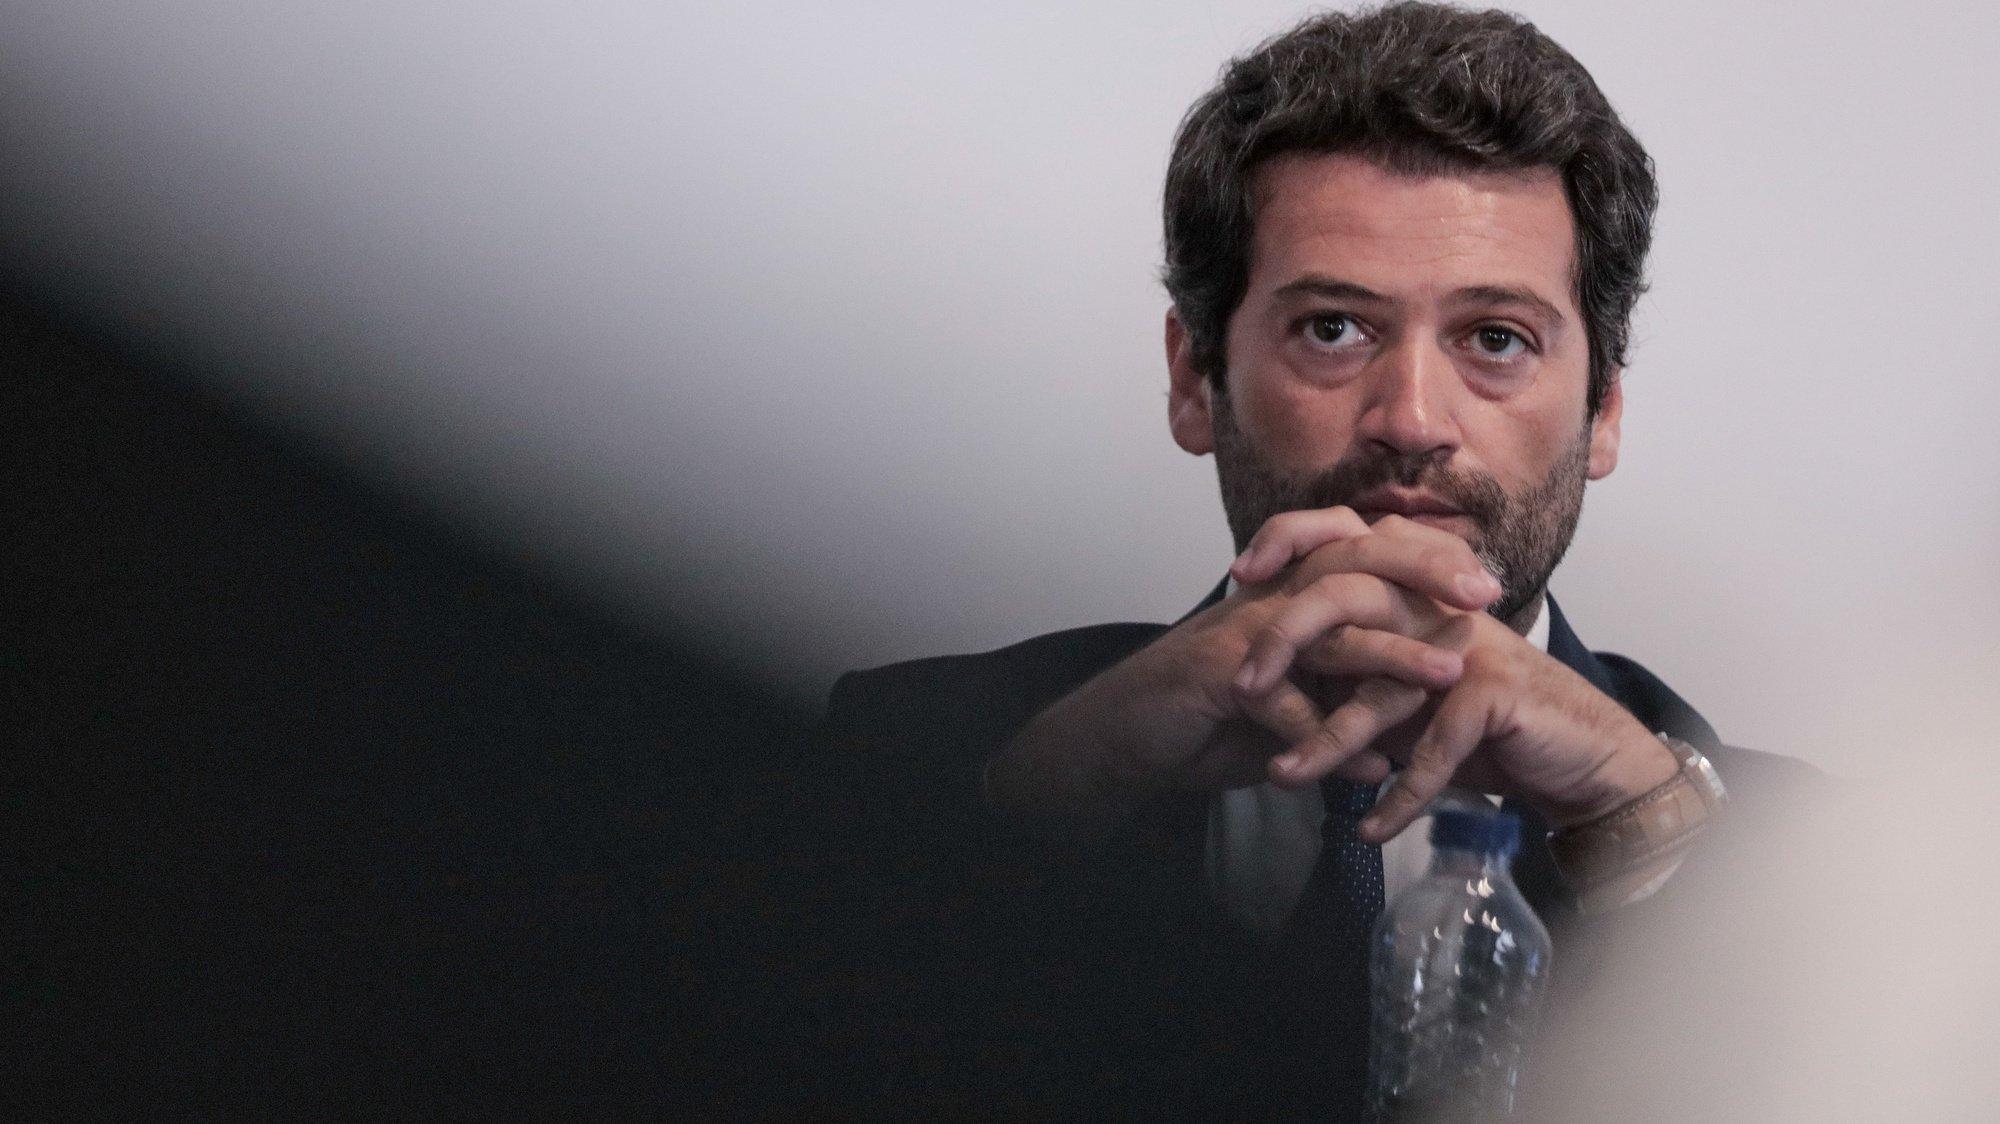 O presidente do Chega, André Ventura, durante a sessão de apresentação de nove candidatos autárquicos do partido ao distrito do Porto, na sede do partido, Porto, 12 de junho de 2021. MANUEL FERNANDO ARAÚJO/LUSA